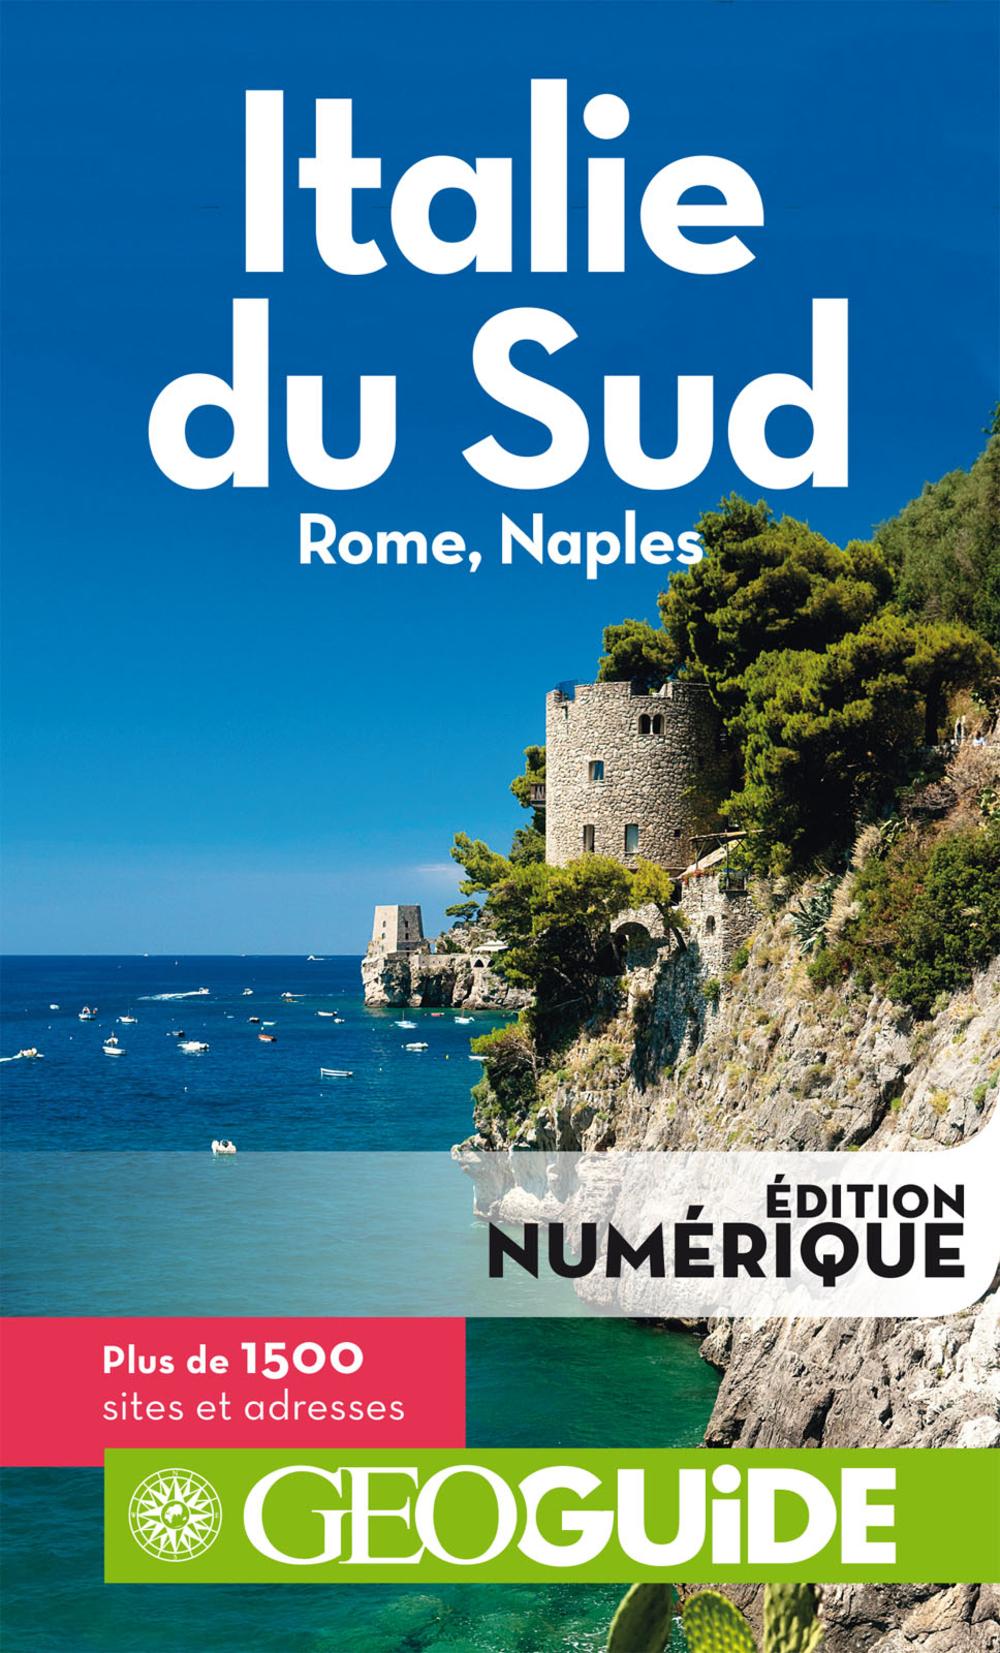 GEOguide Italie du Sud. Rome, Naples |